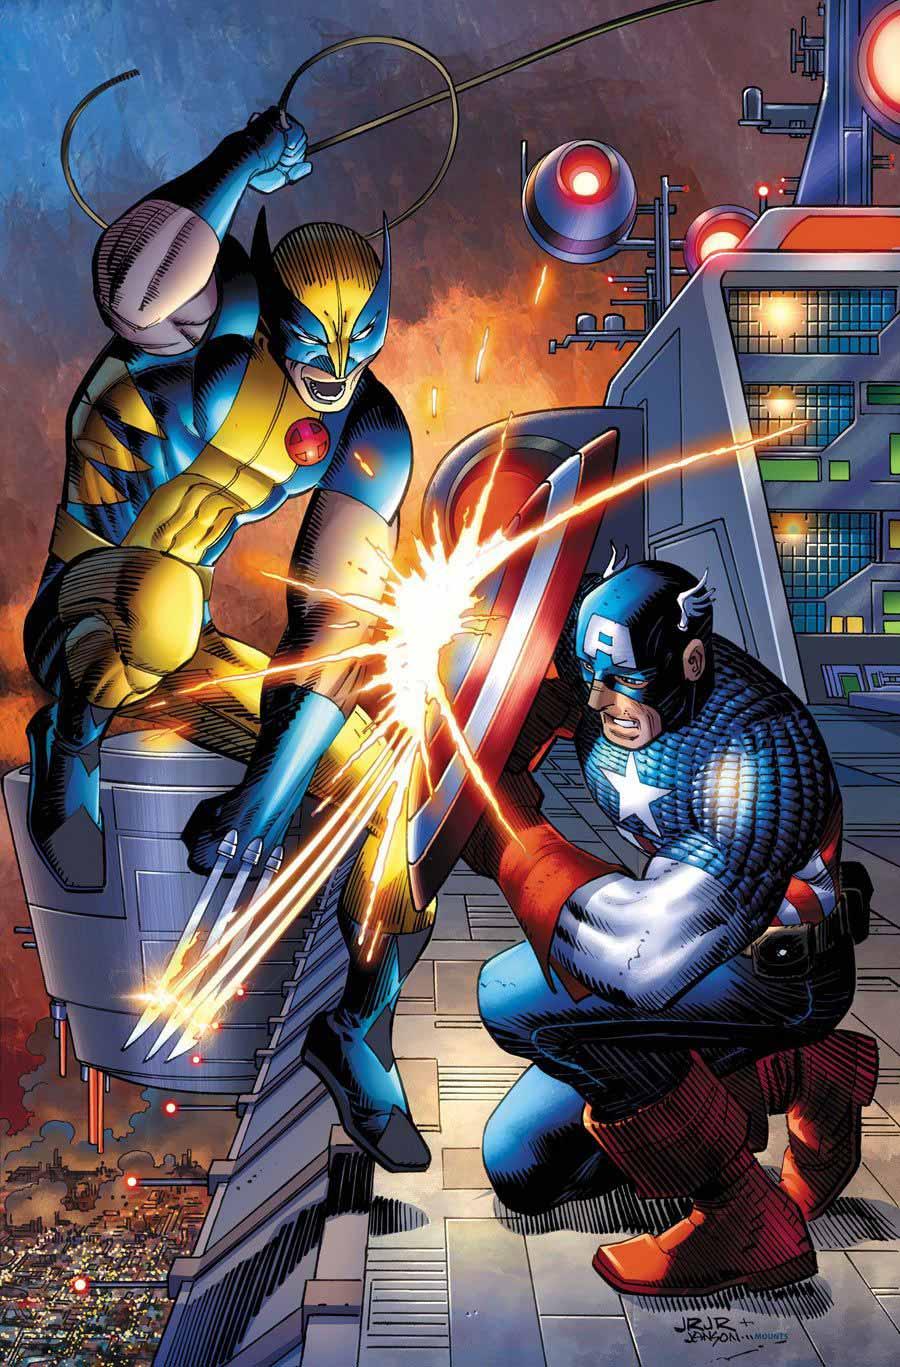 ¿Wolverine puede cortar el escudo del Capitán América con sus garras?